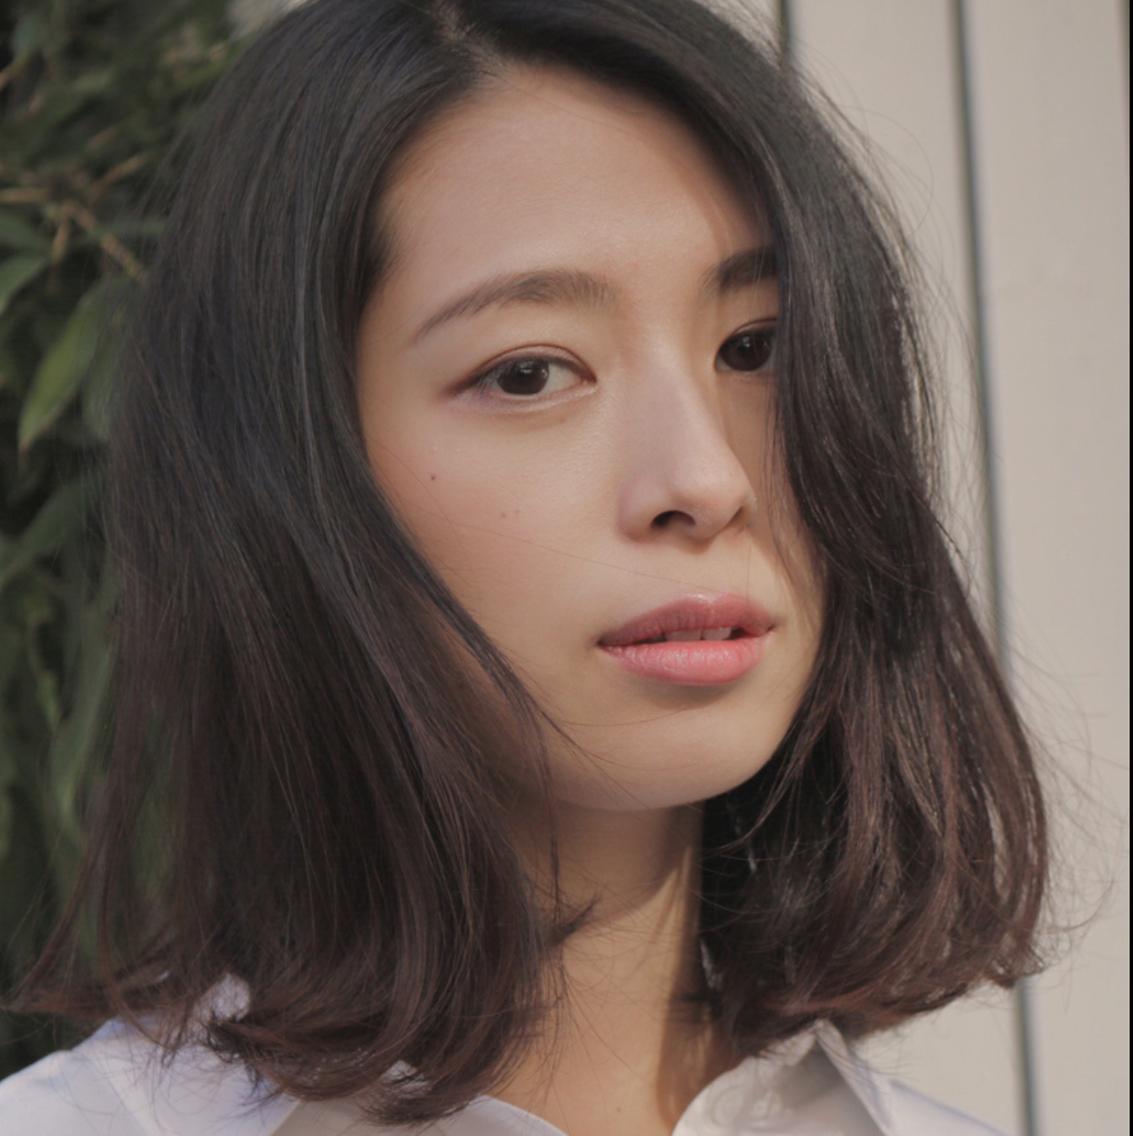 表参道、カットモデル募集中です(^ ^)